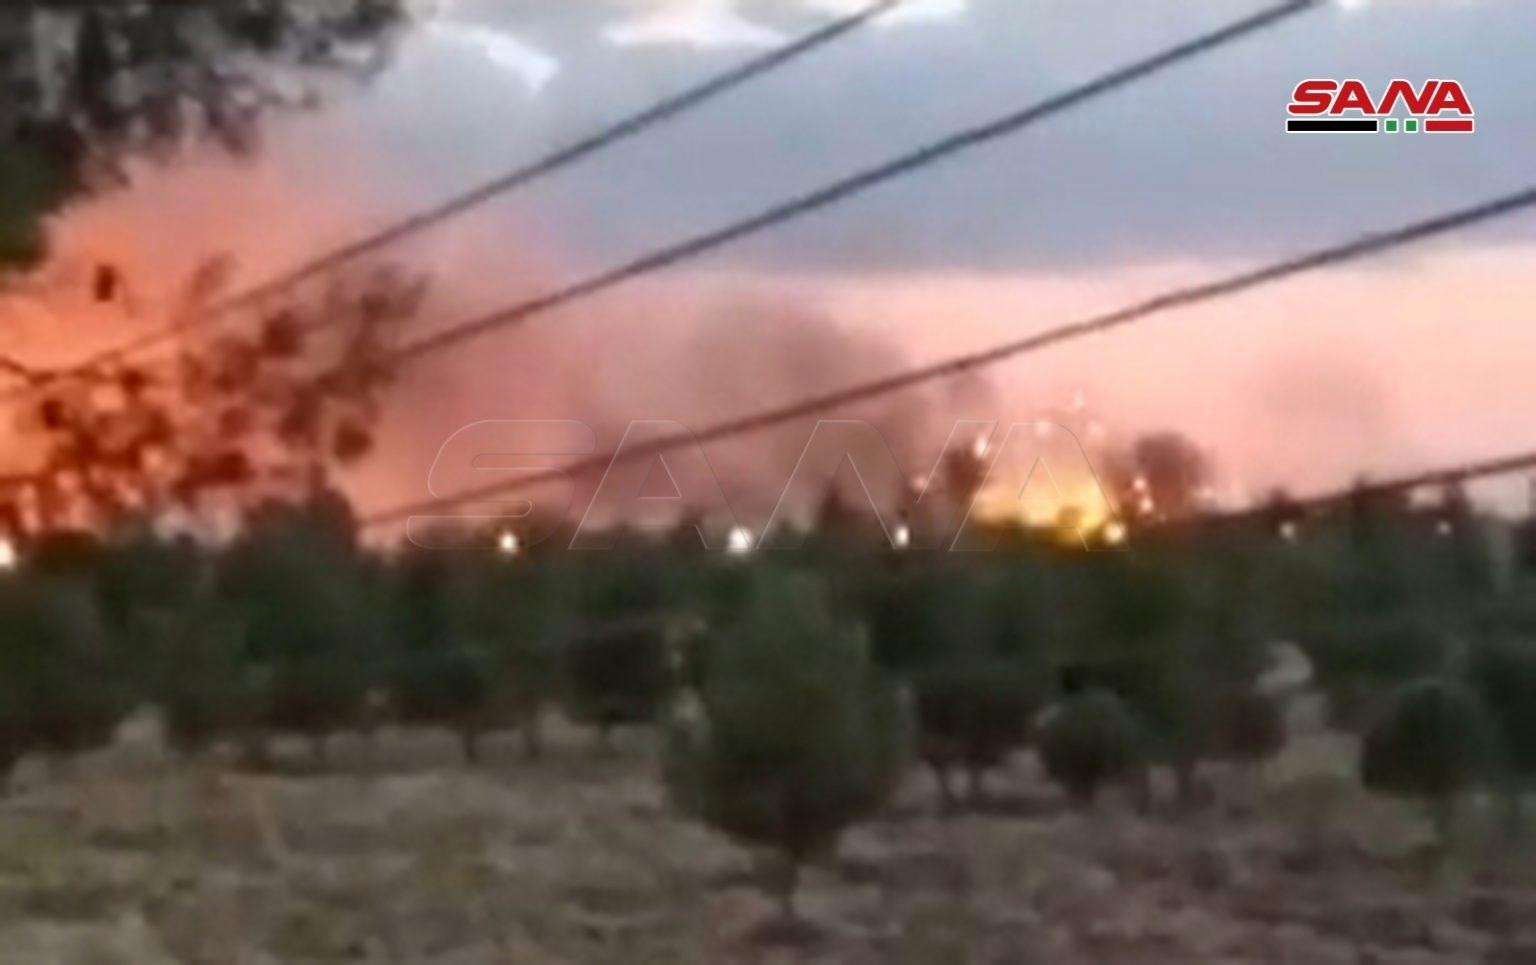 مستودع الذخيرة يحترق في بلدة رميلان بريف القامشلي